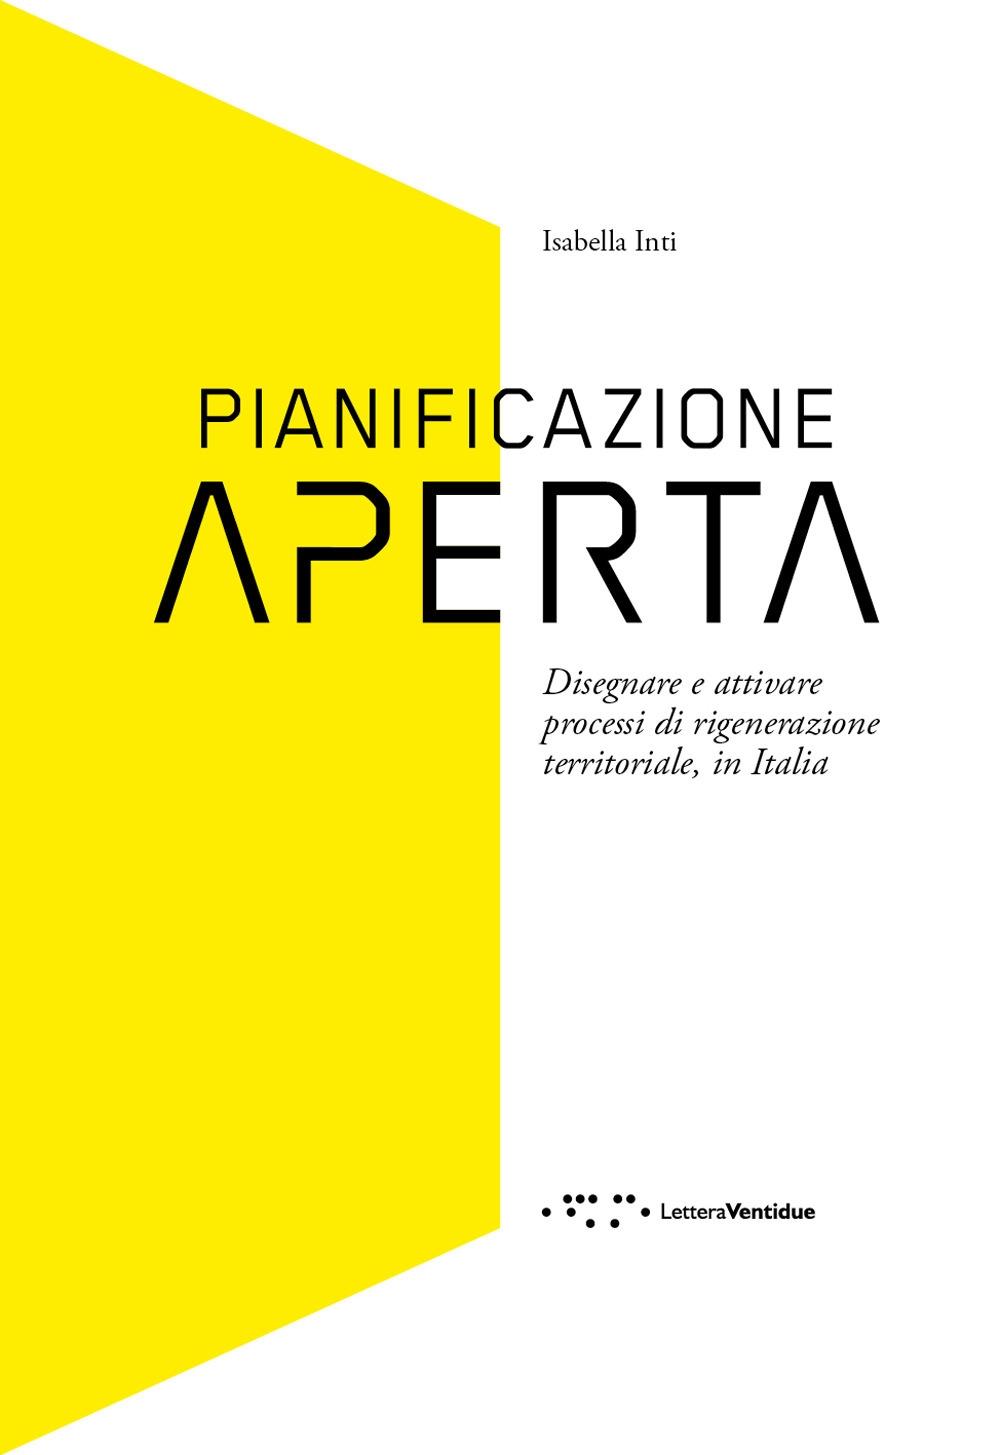 Pianificazione aperta. Disegnare e attivare processi di rigenerazione territoriale, in Italia